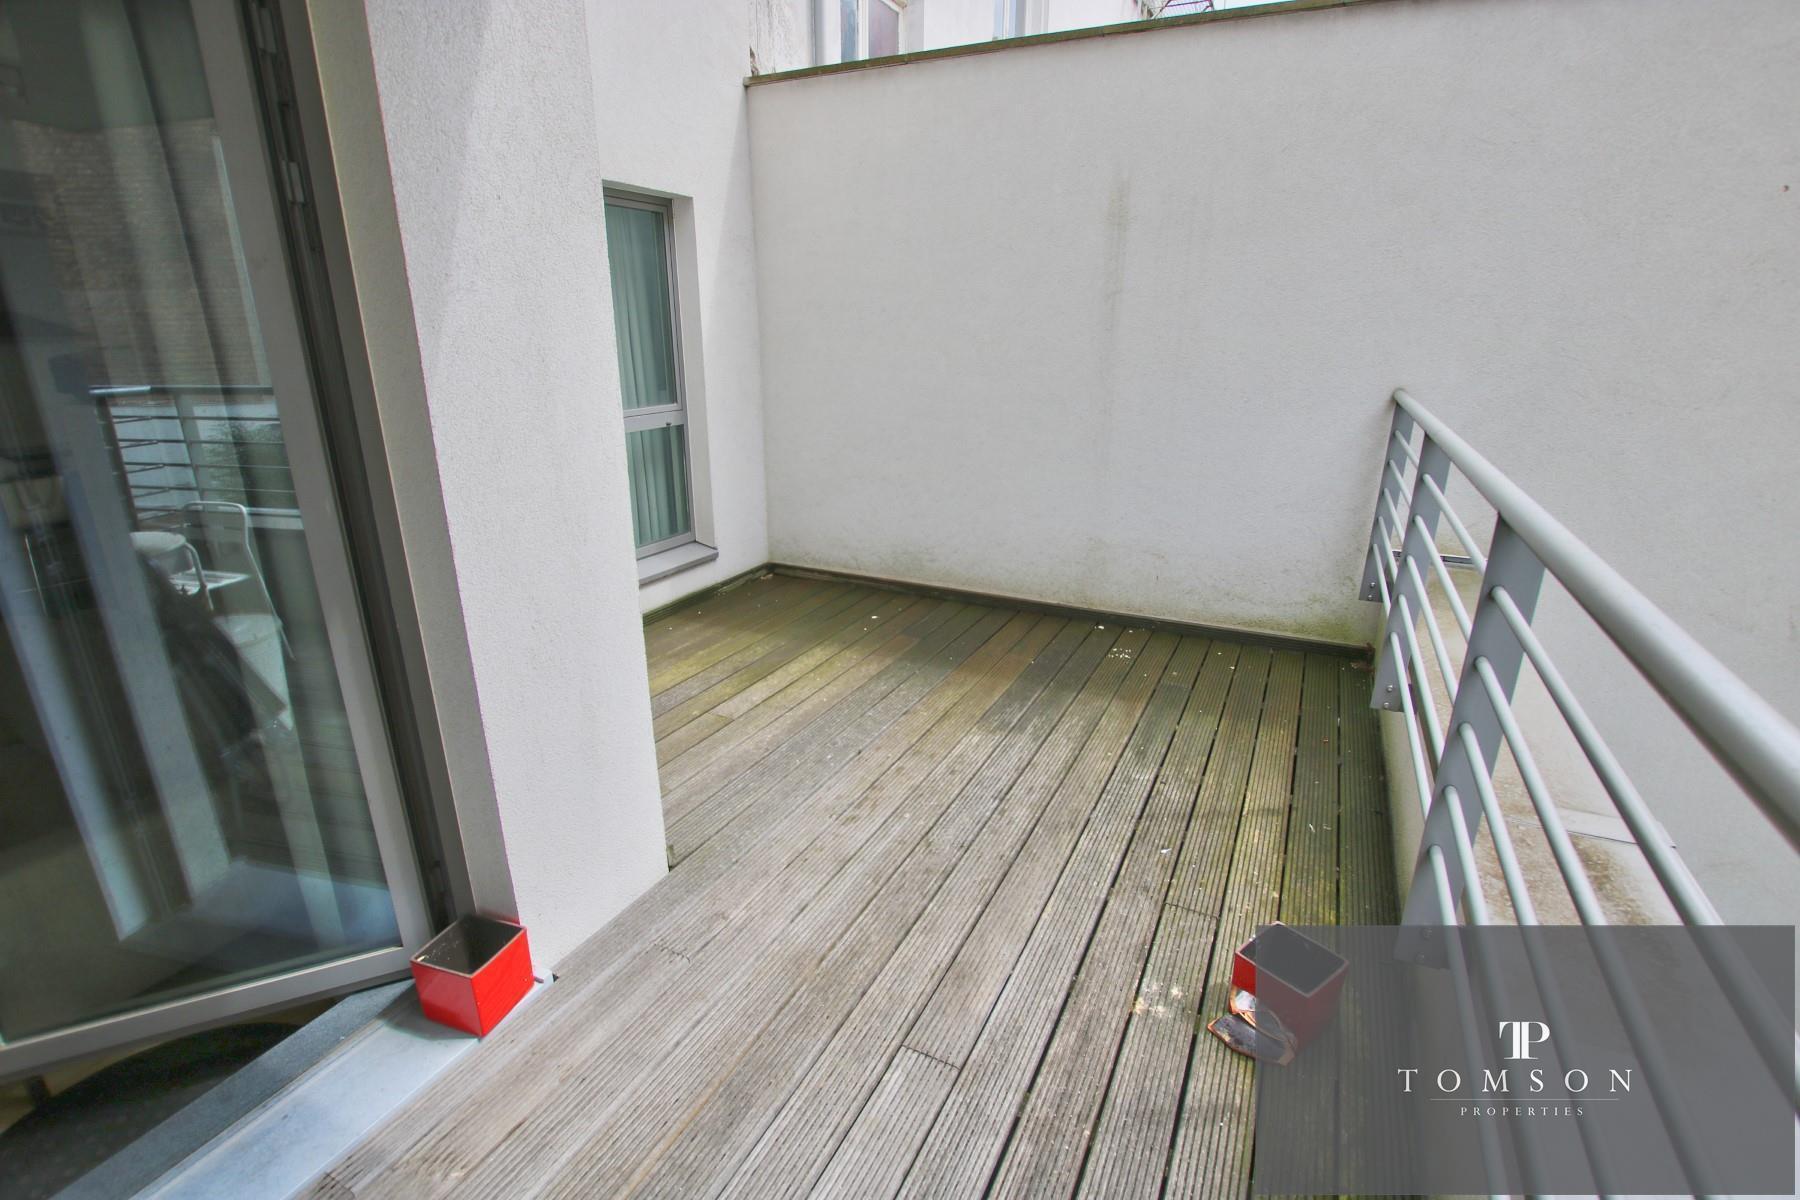 Flat - Ixelles - #4432301-7